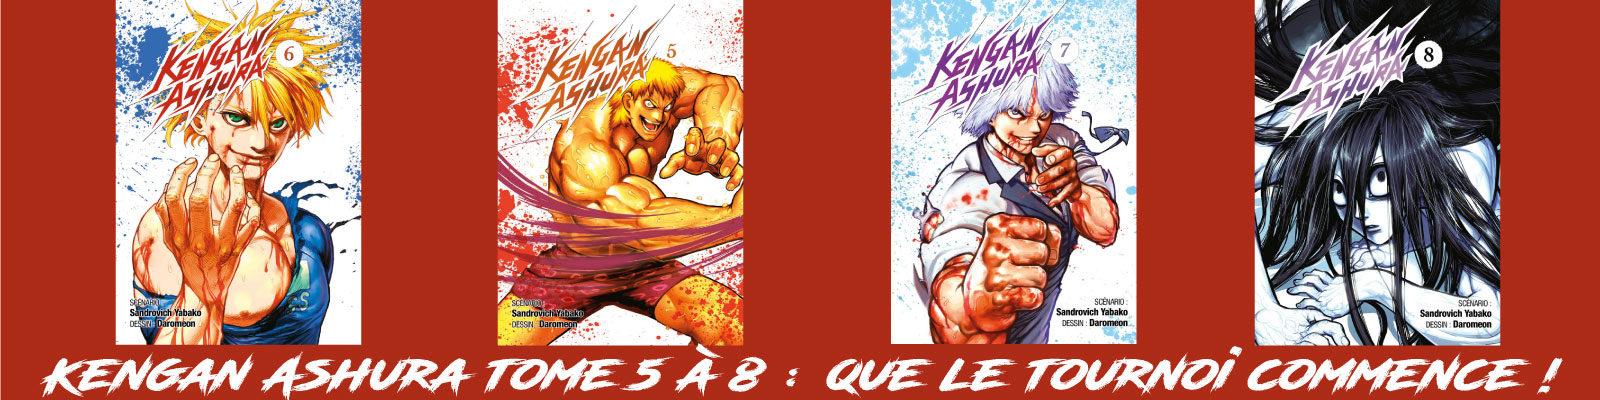 Kengan Ashura-Vol.-5-1